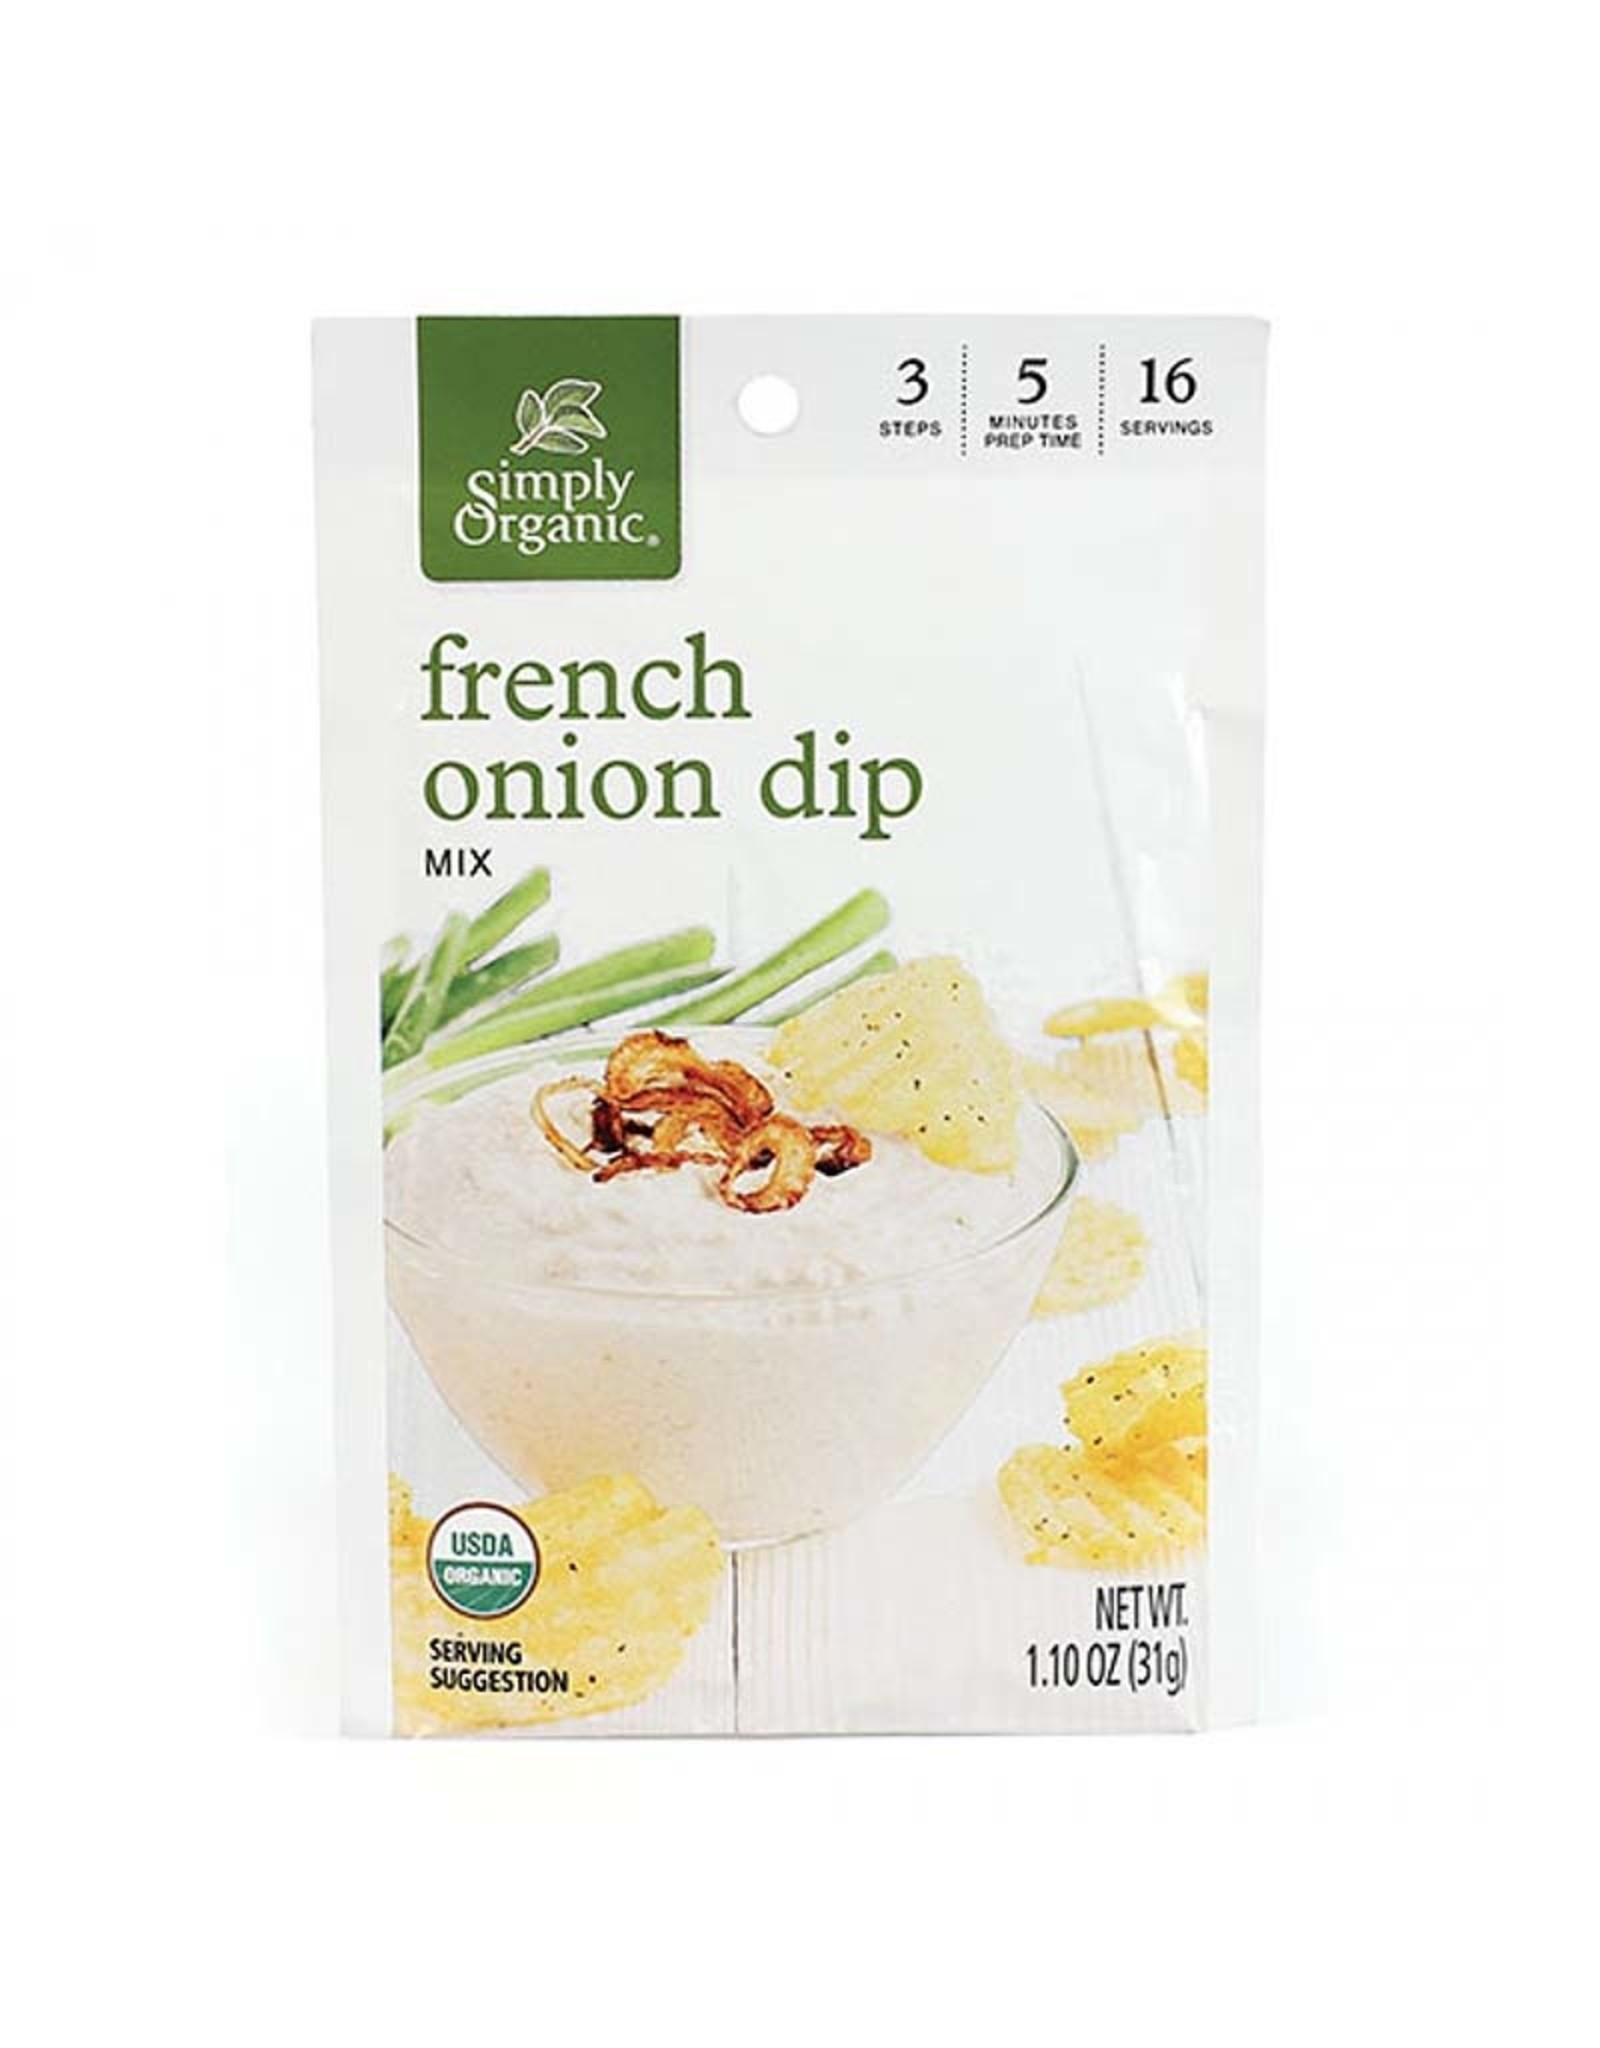 Simply Organic Simply Organic - Mélange d'Assaisonnement, Trempette à L'Oignon Française (31.18g)